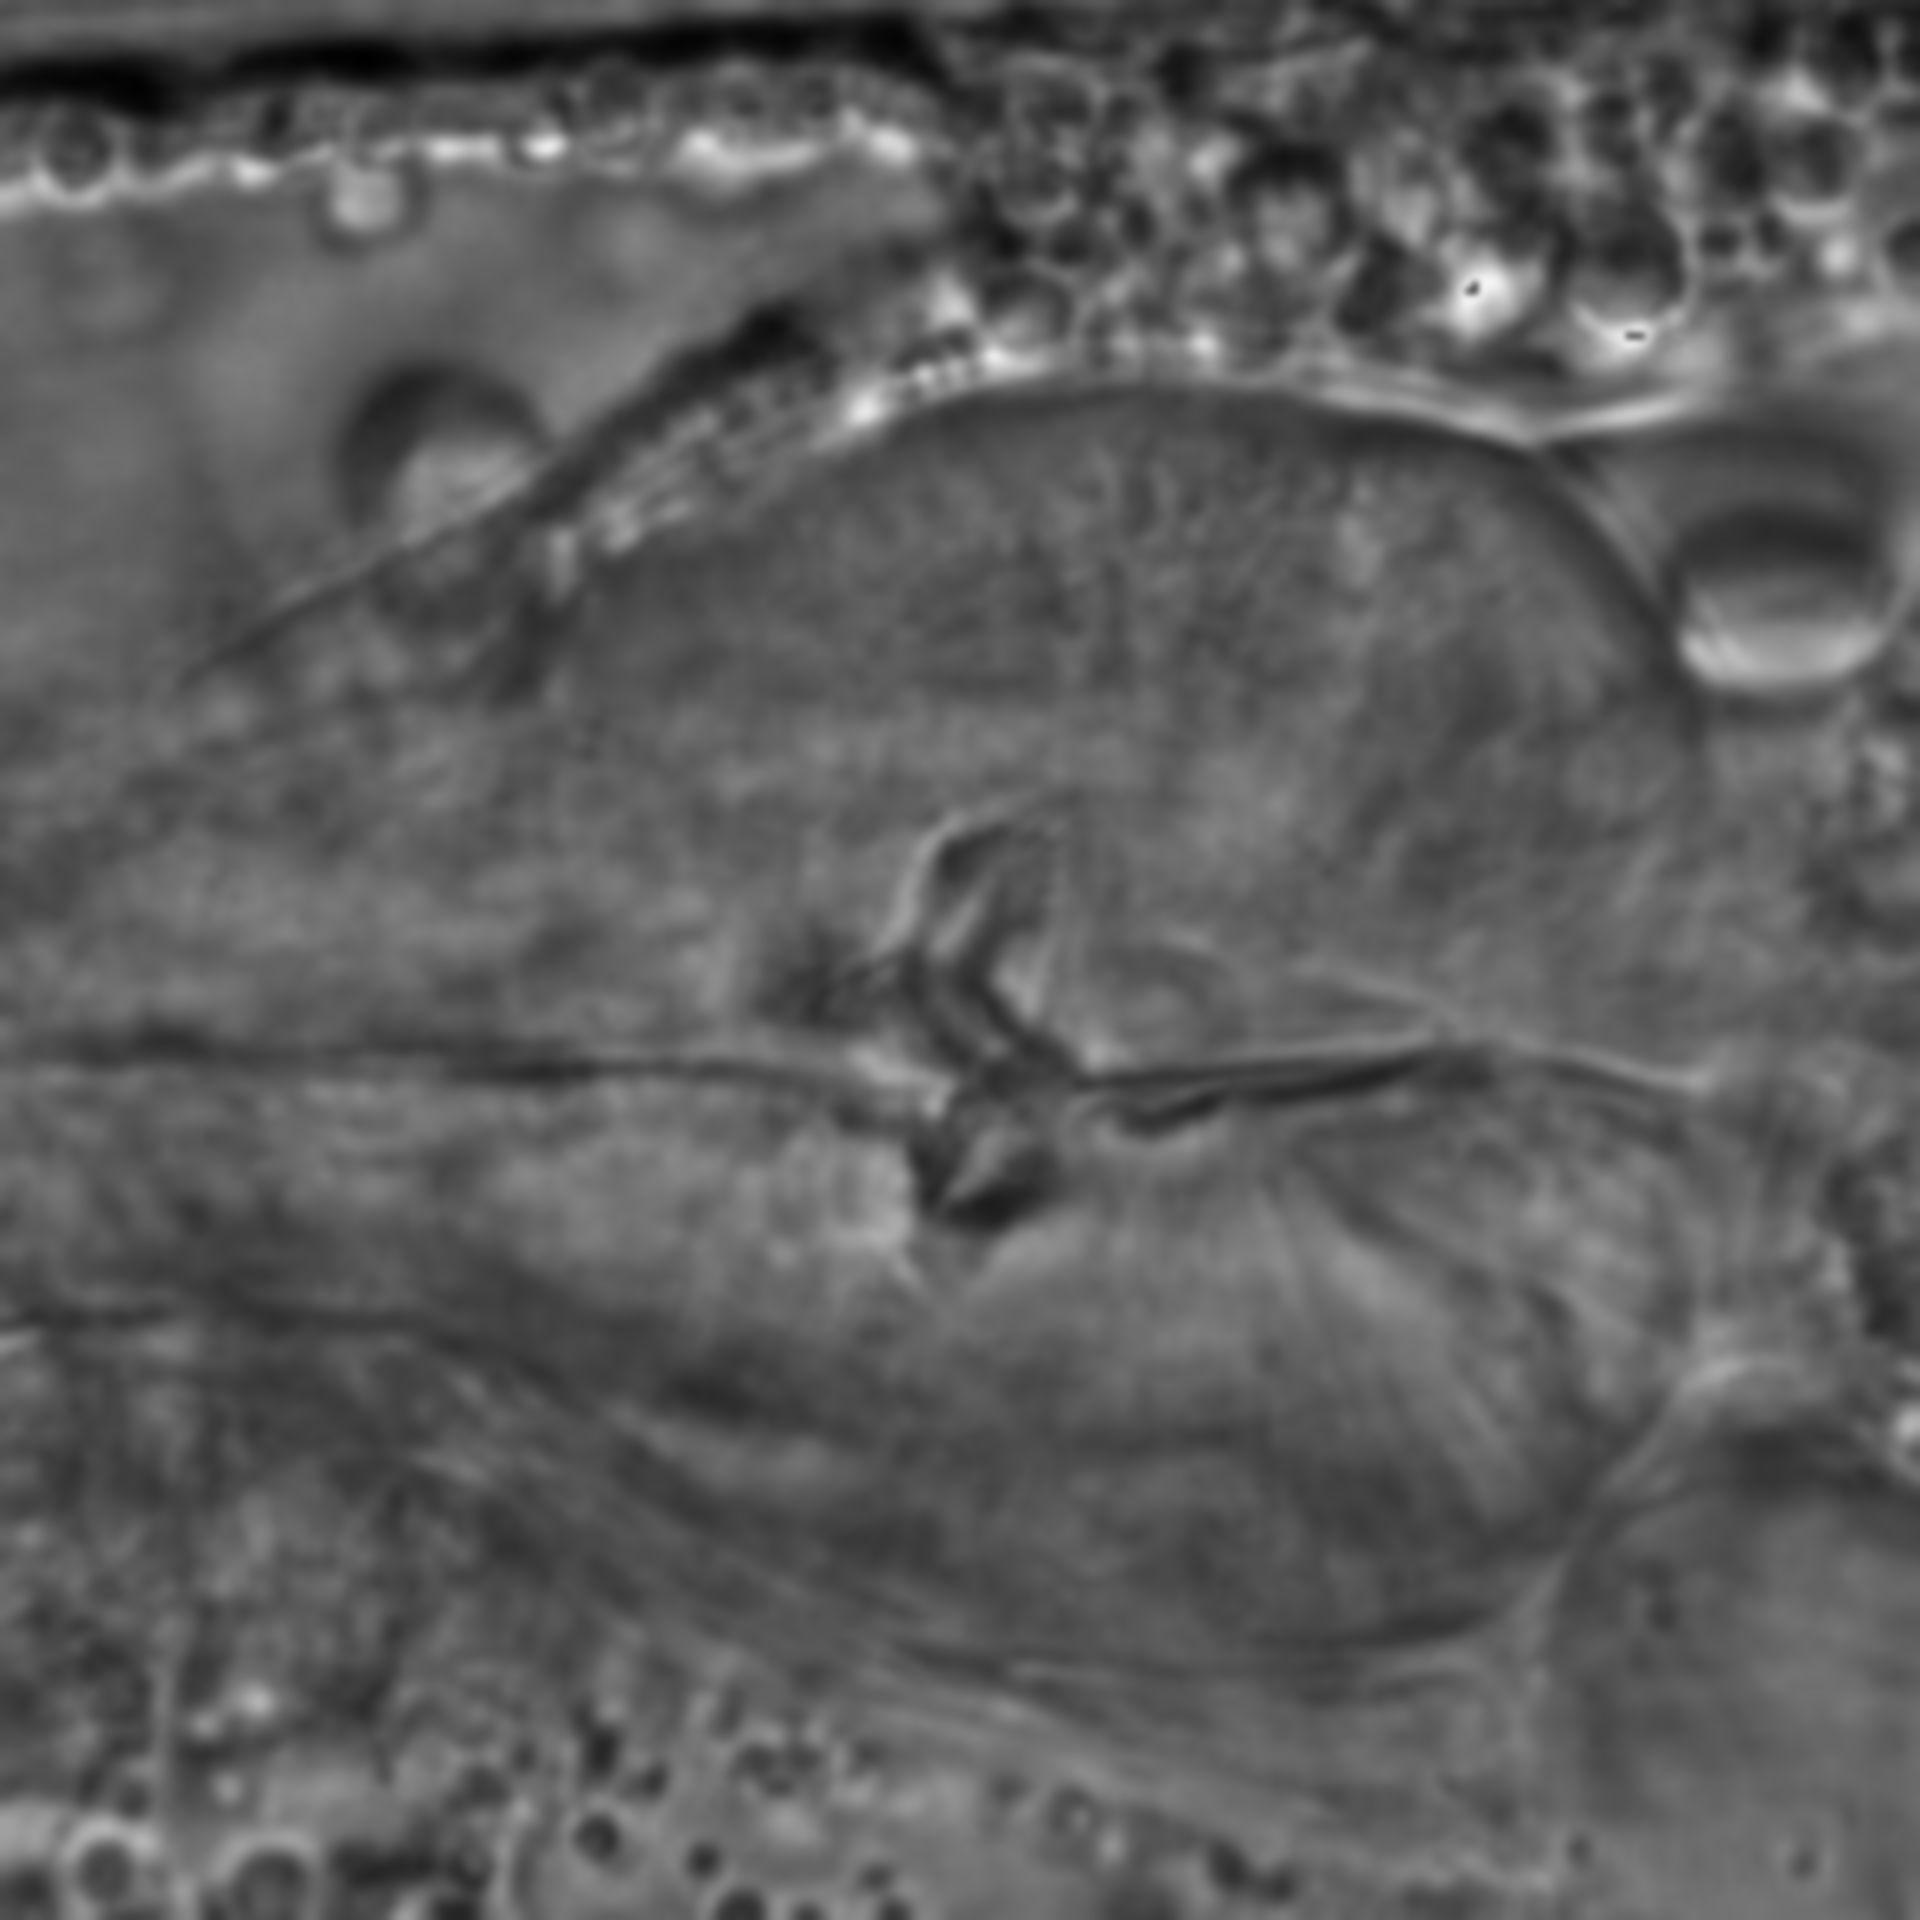 Caenorhabditis elegans - CIL:1732